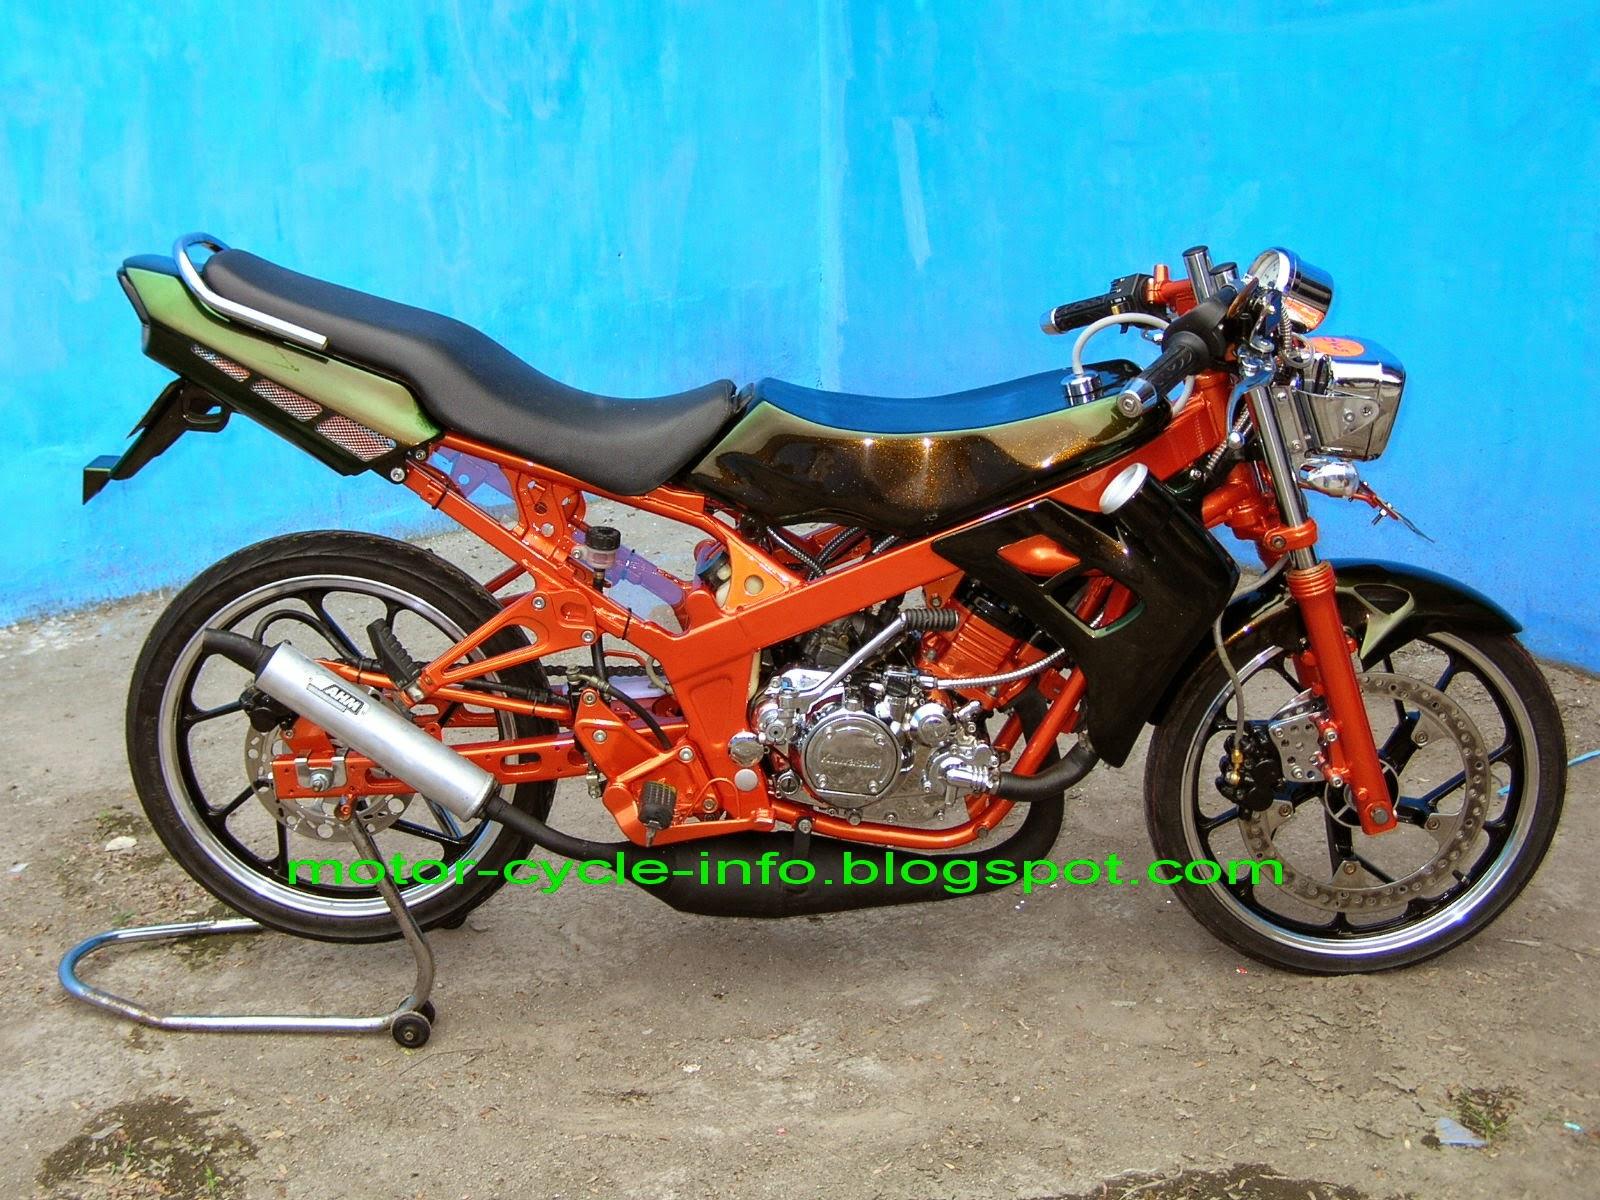 Kumpulan Gambar Motor Drag Gl Terlengkap Kinyis Motor